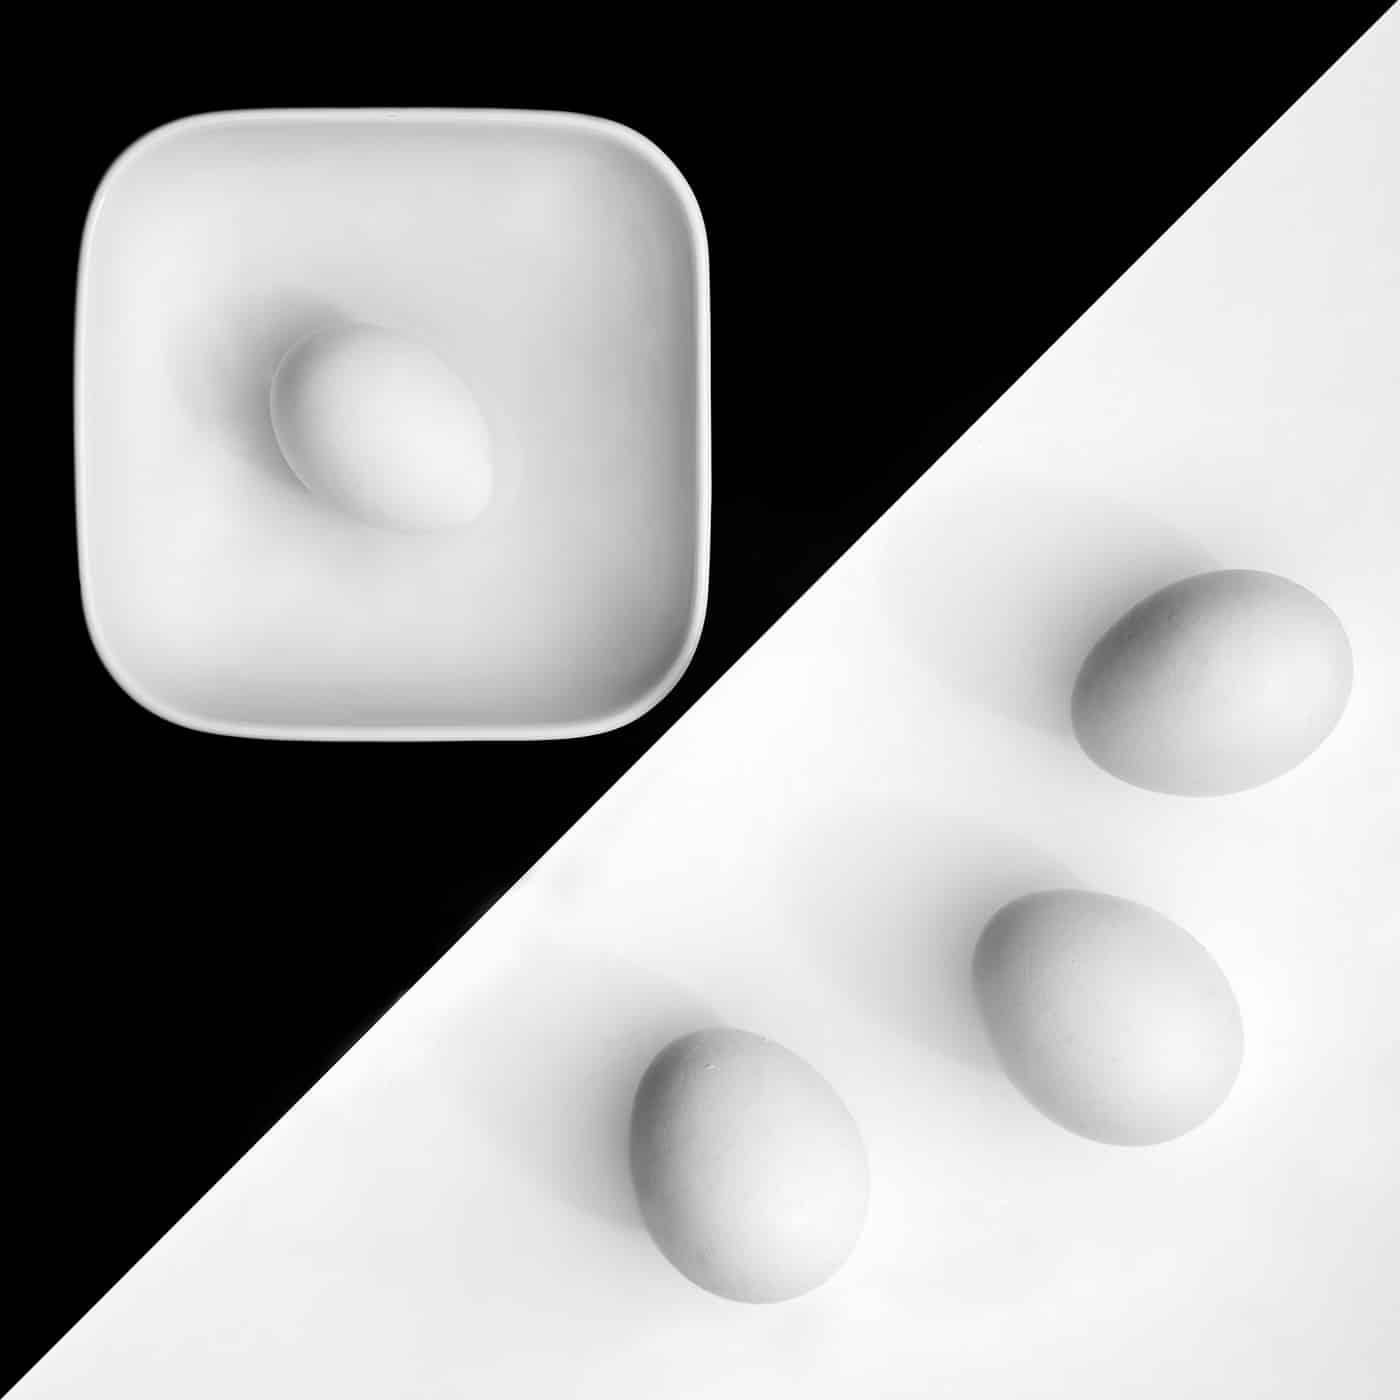 Eggs and bowl | © Irmgard Crispin